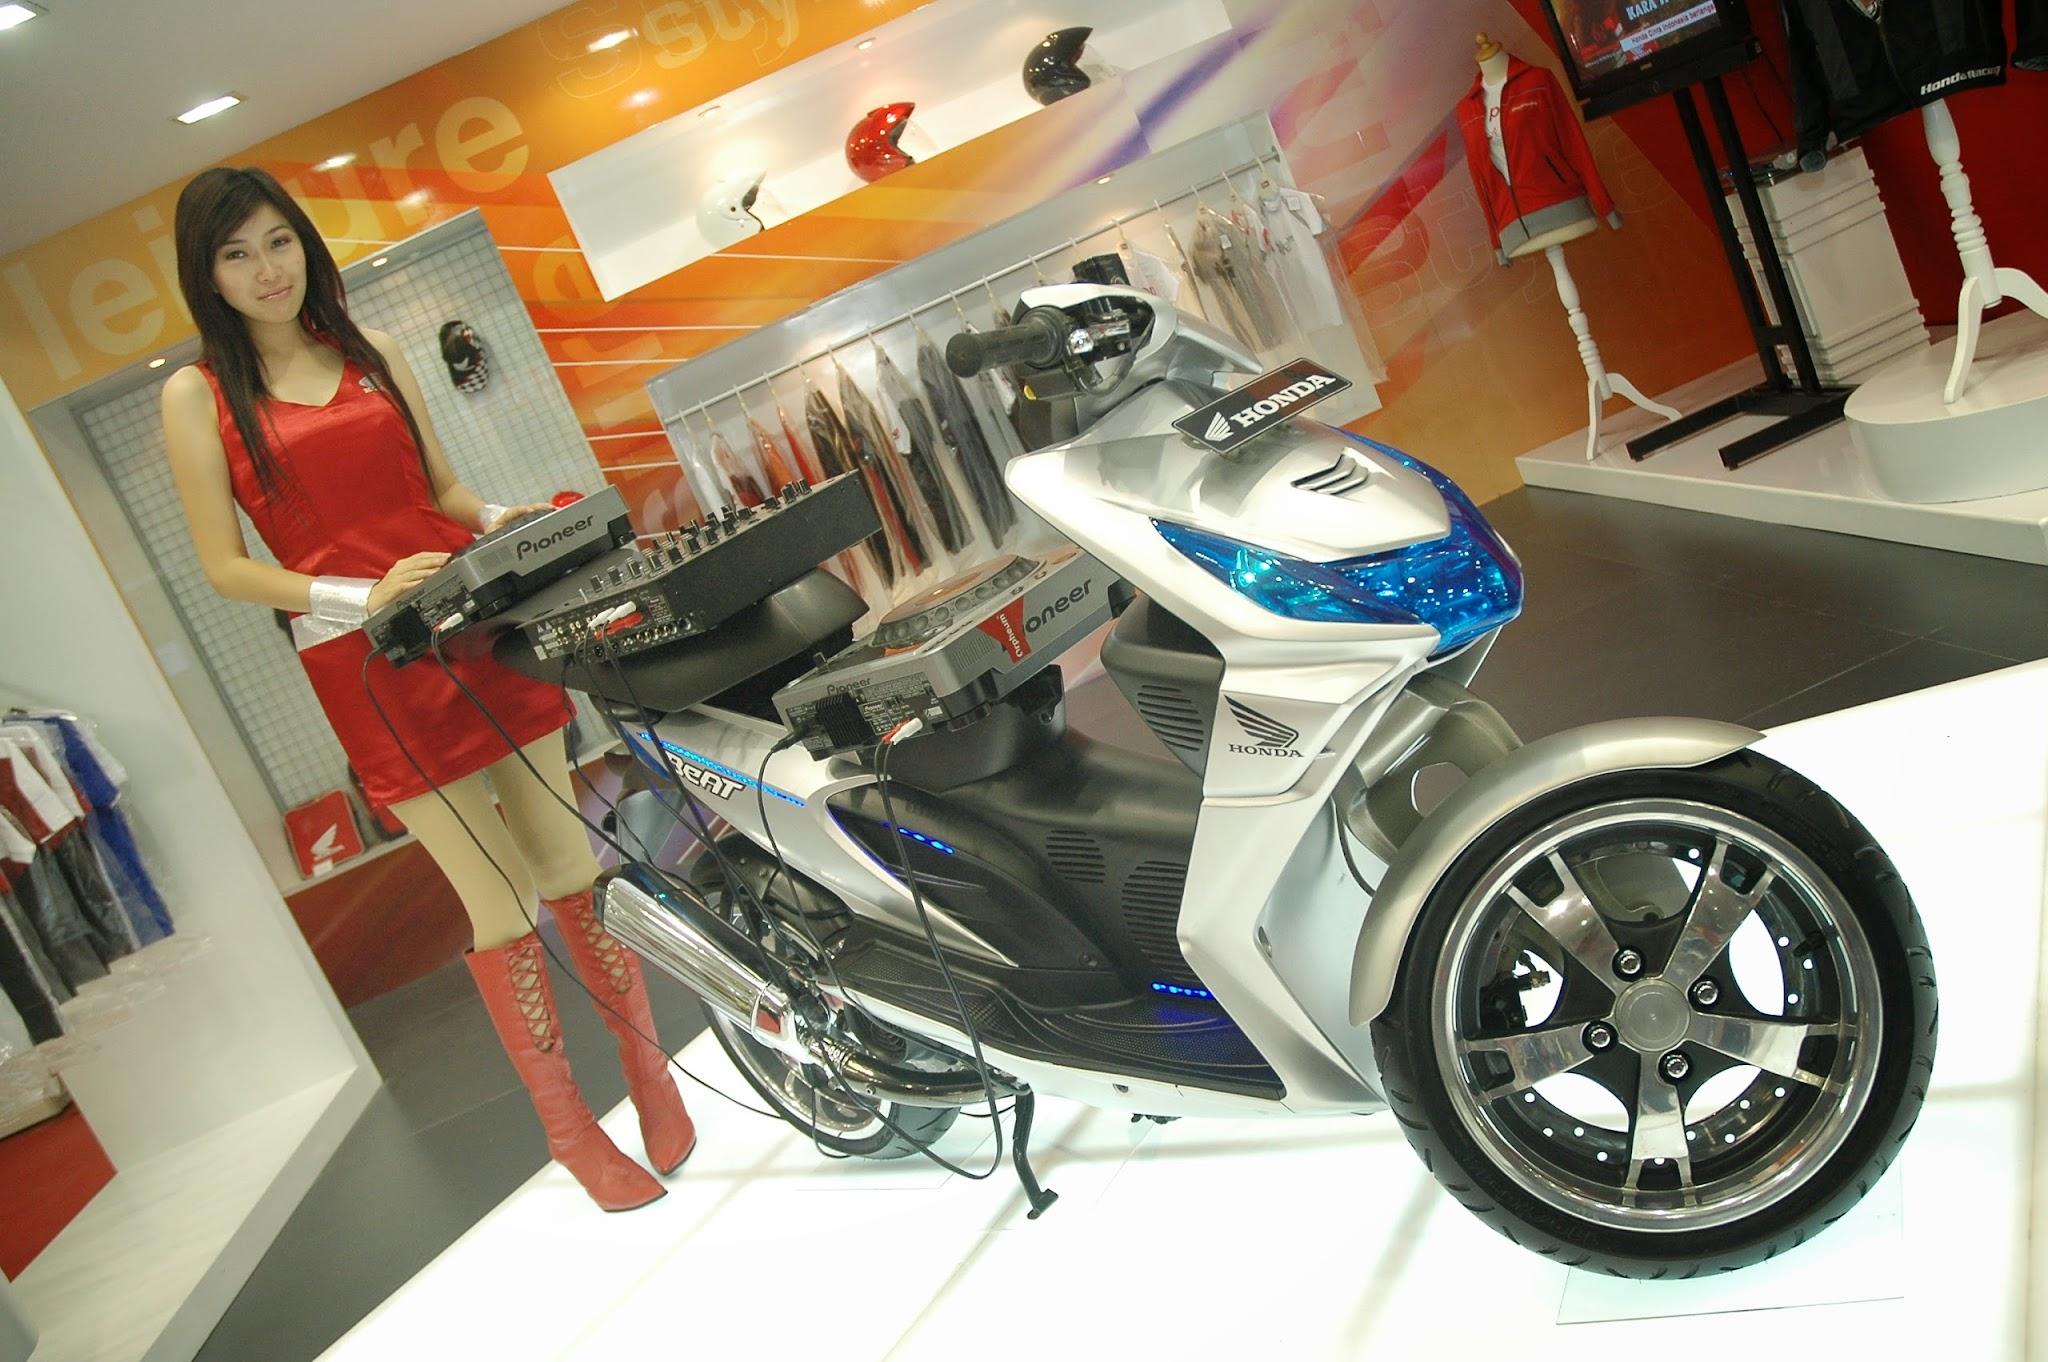 Koleksi Gambar Motor Drag Honda Grand Terlengkap Kinyis Motor